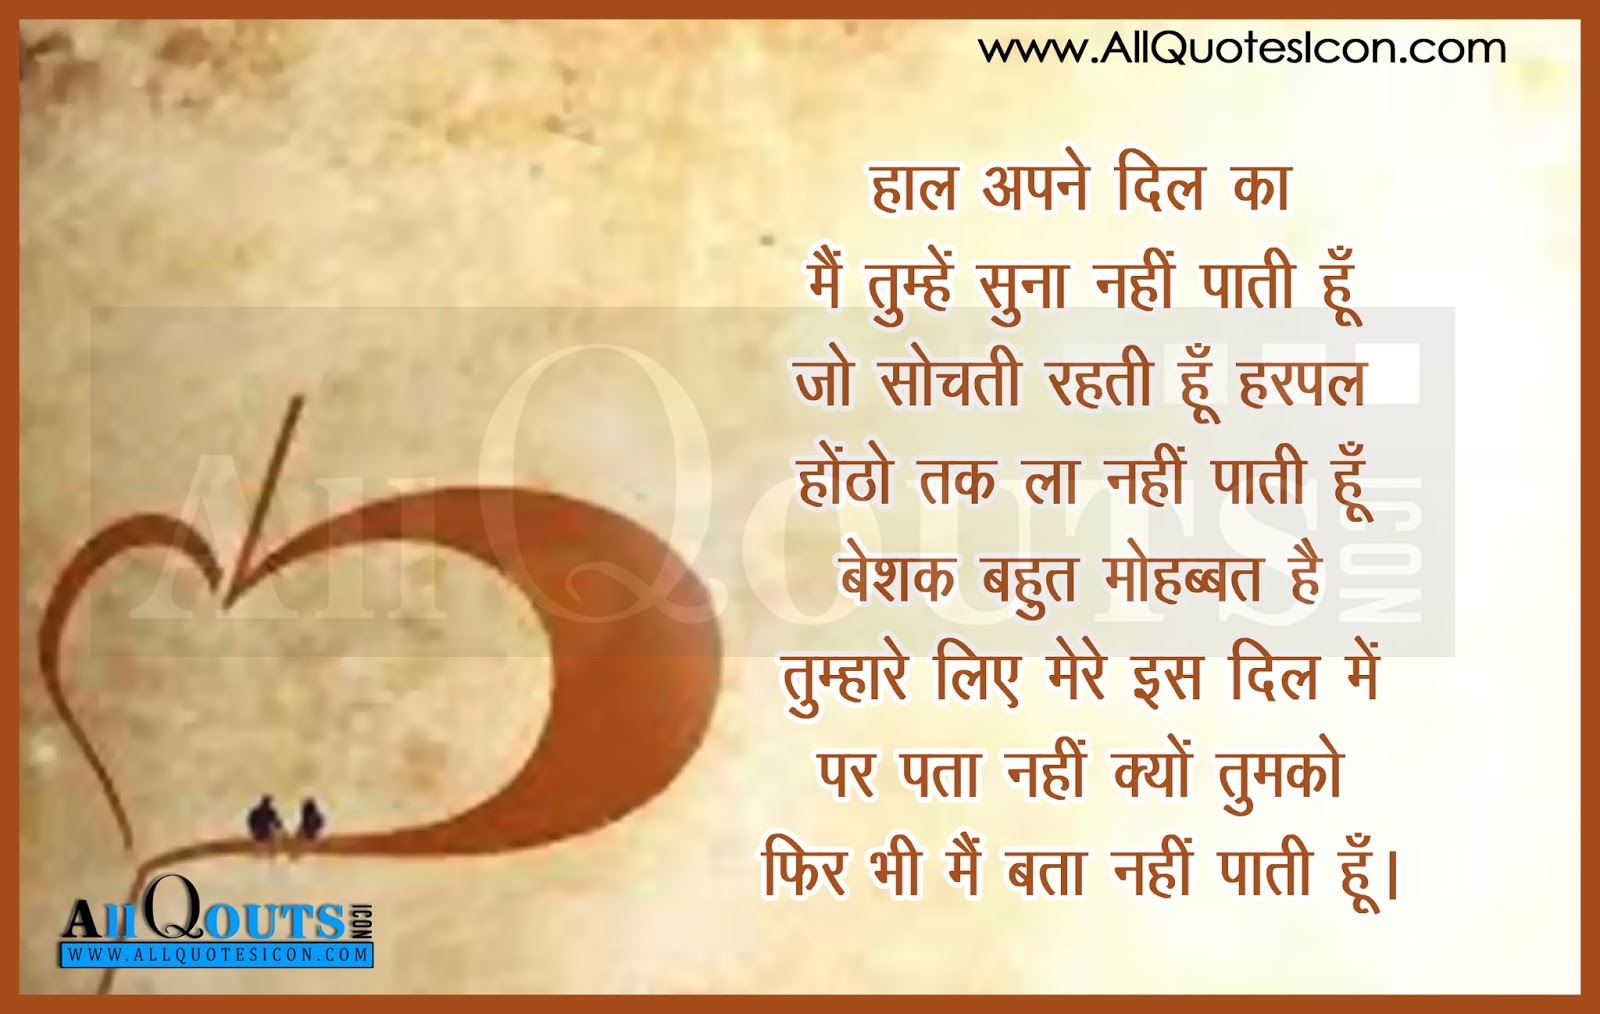 Beatiful Love Feelings in Hindi | www.AllQuotesIcon.com ...